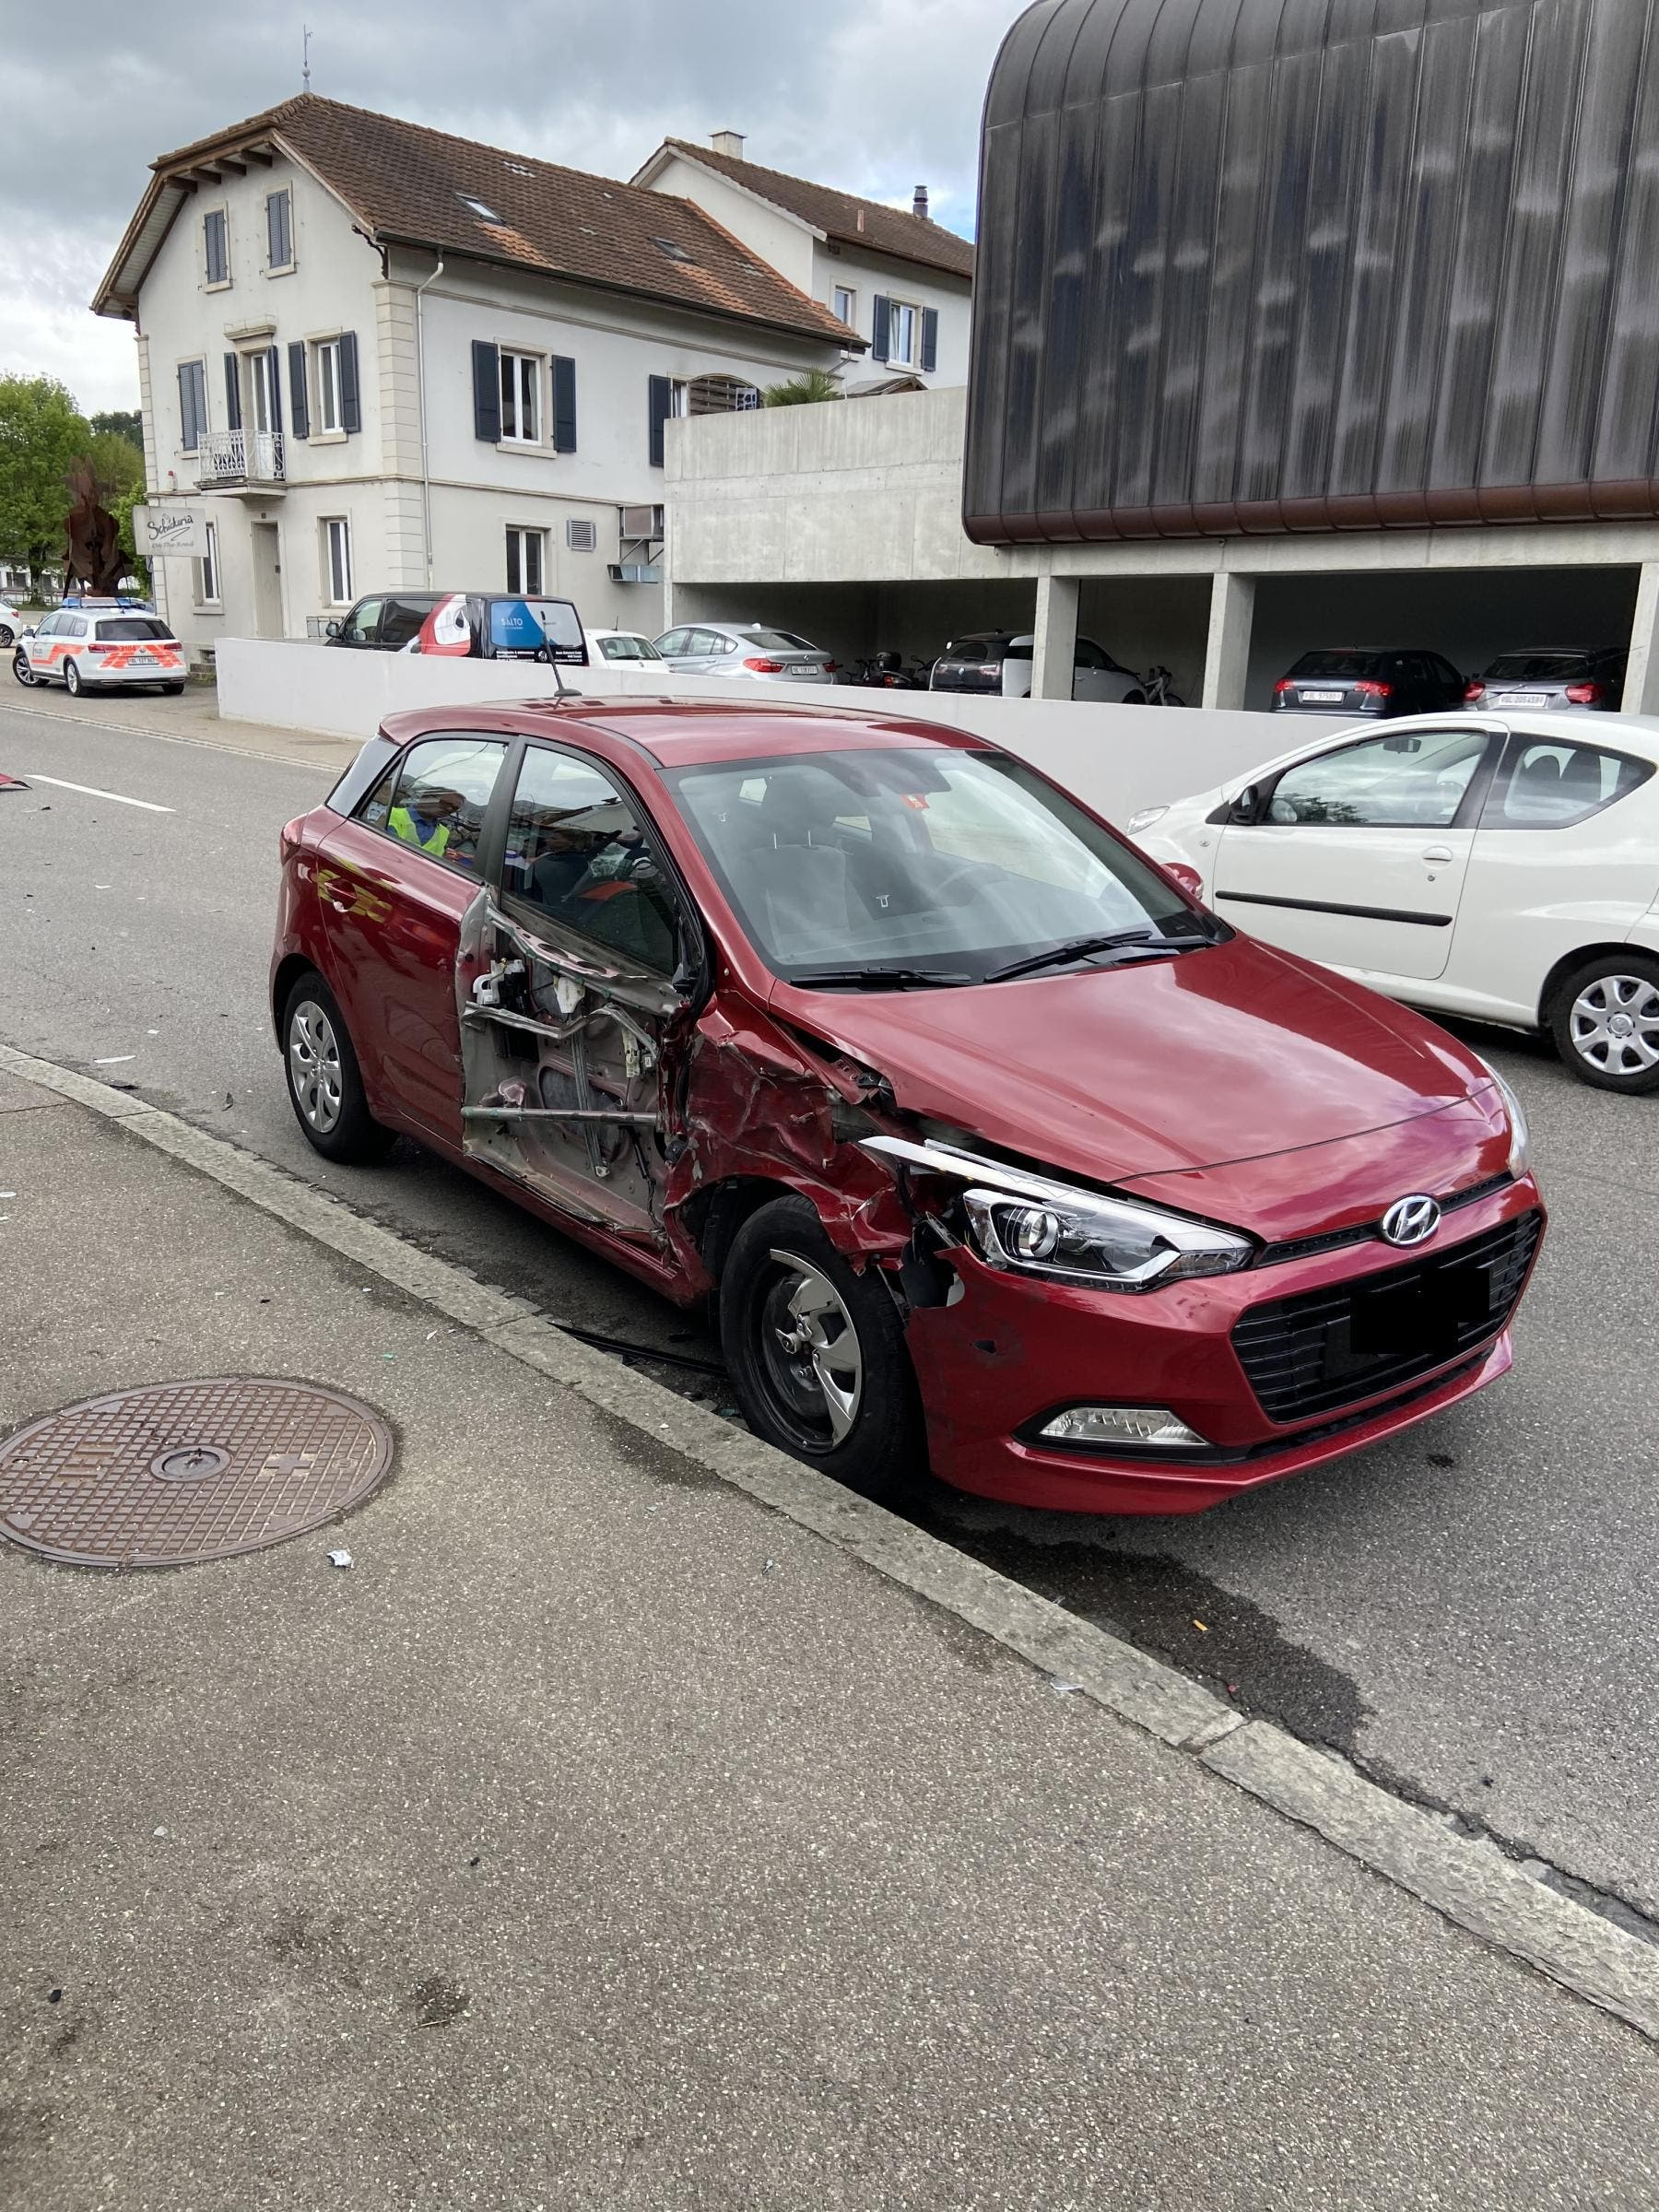 Sissach BL, 29. April: Am Mittwochmorgen ereignete sich eine Kollision zwischen einem Traktor und einem Personenwagen. Die Personenwagenlenkerin wurde dabei leicht verletzt.